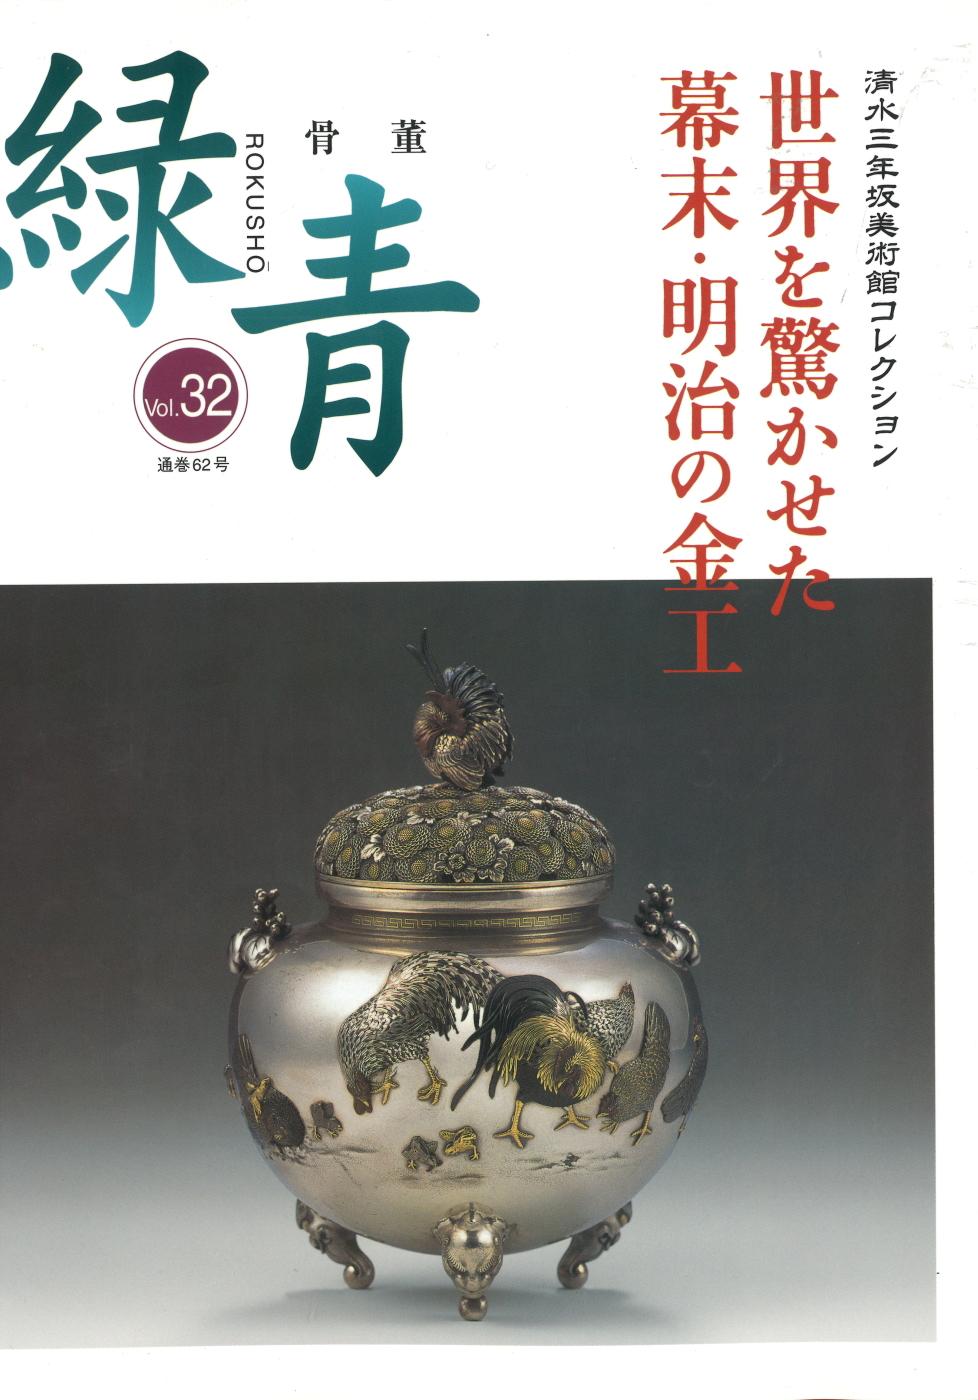 緑青 Vol.032